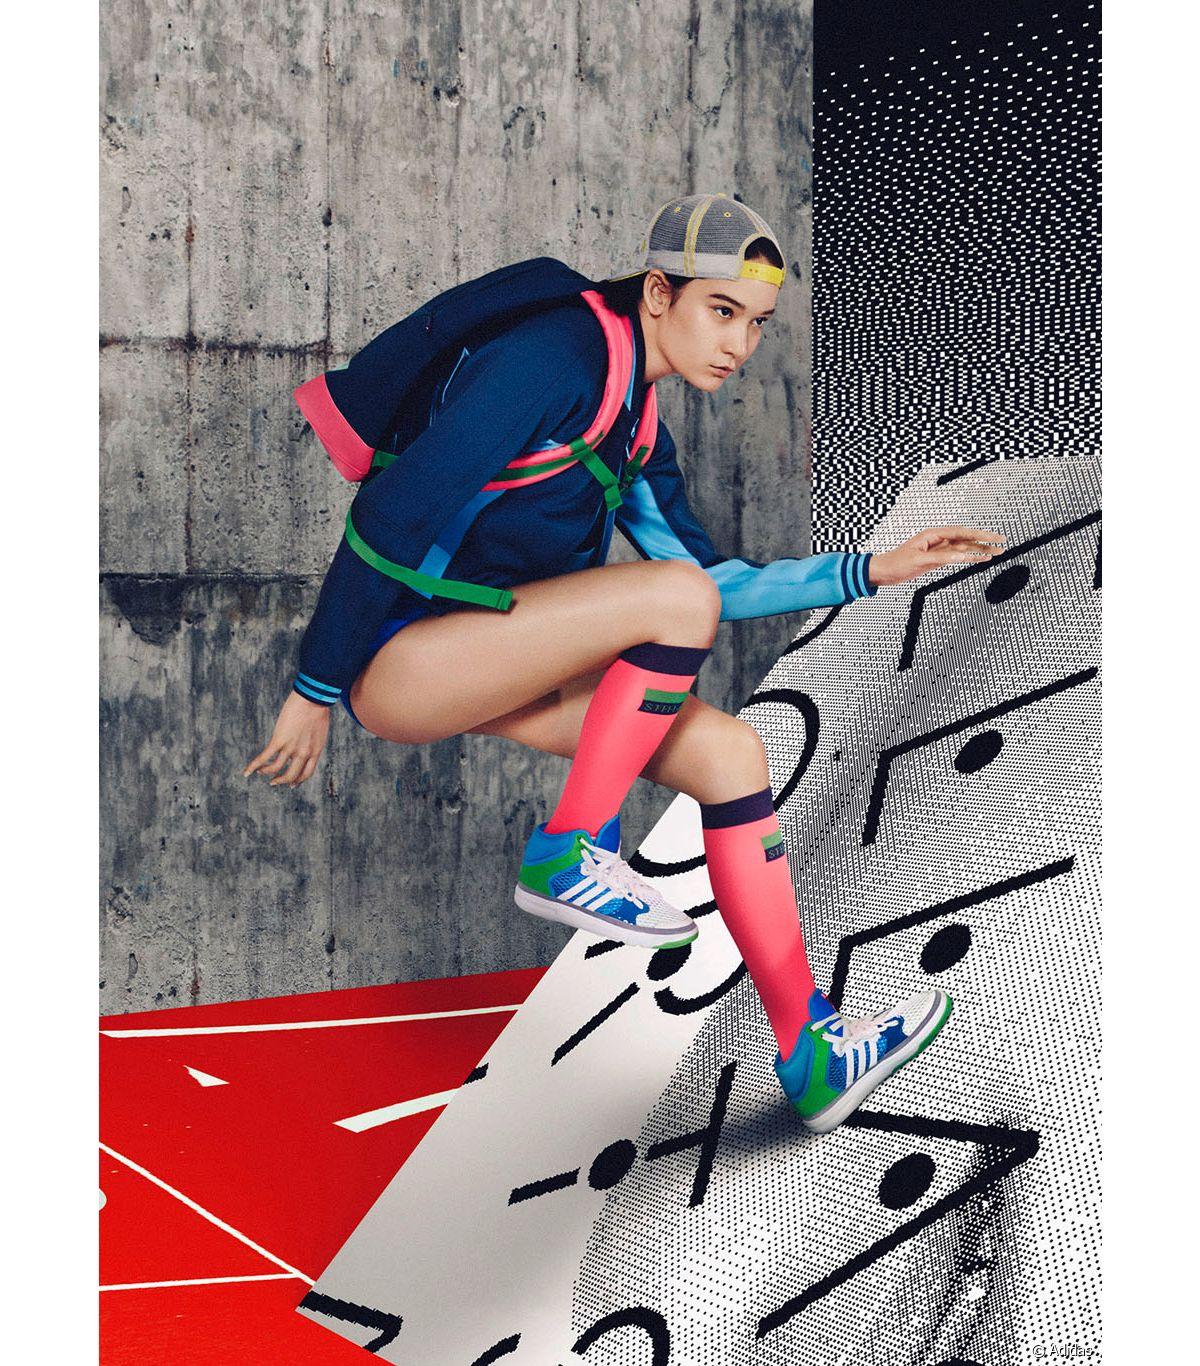 Adidas Archives | Page 3 sur 10 | Sneak art